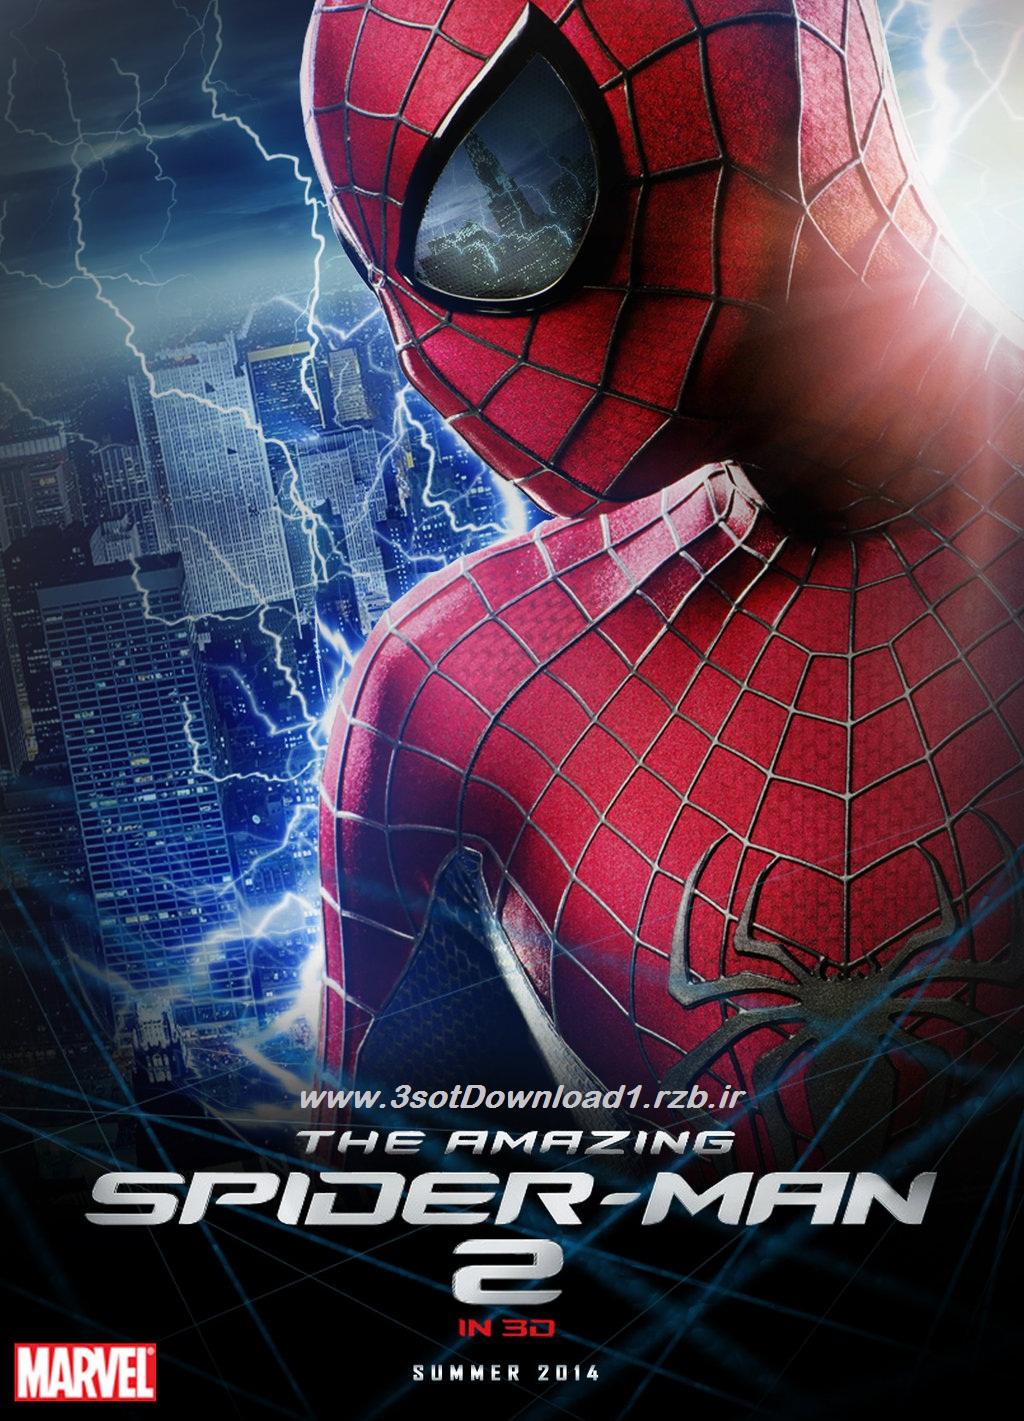 خرید پستی بازی اسپایدرمن شگفت انگیز The Amazing Spider Man 2 برای کامپیوتر